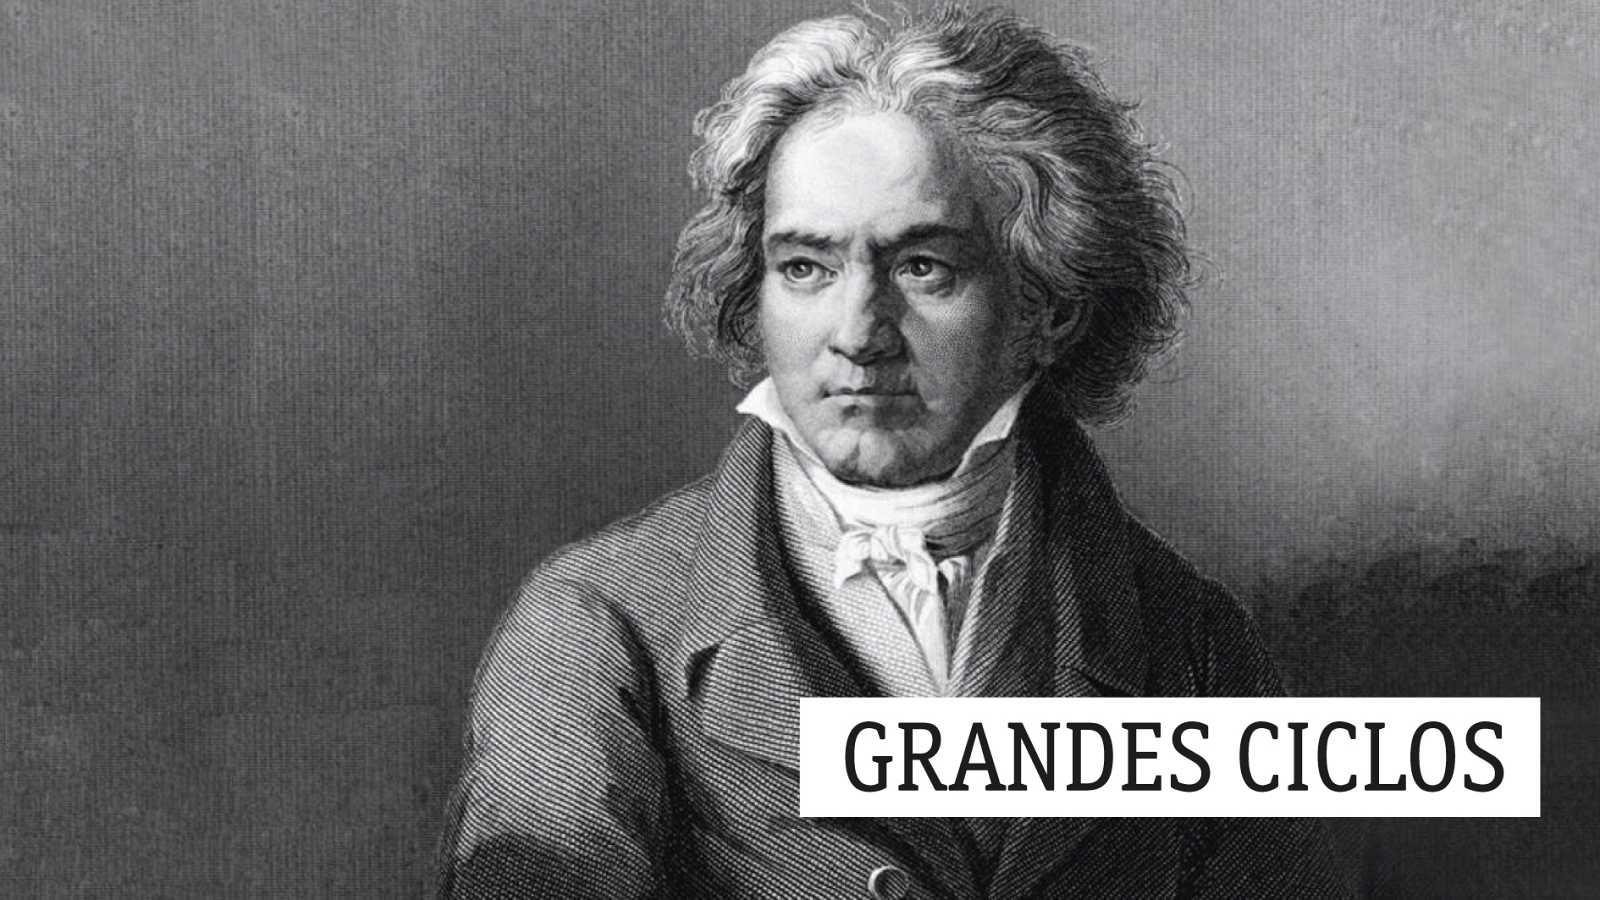 Grandes ciclos - L. van Beethoven (CXXXV): Traducción y recreación - 24/12/20 - escuchar ahora